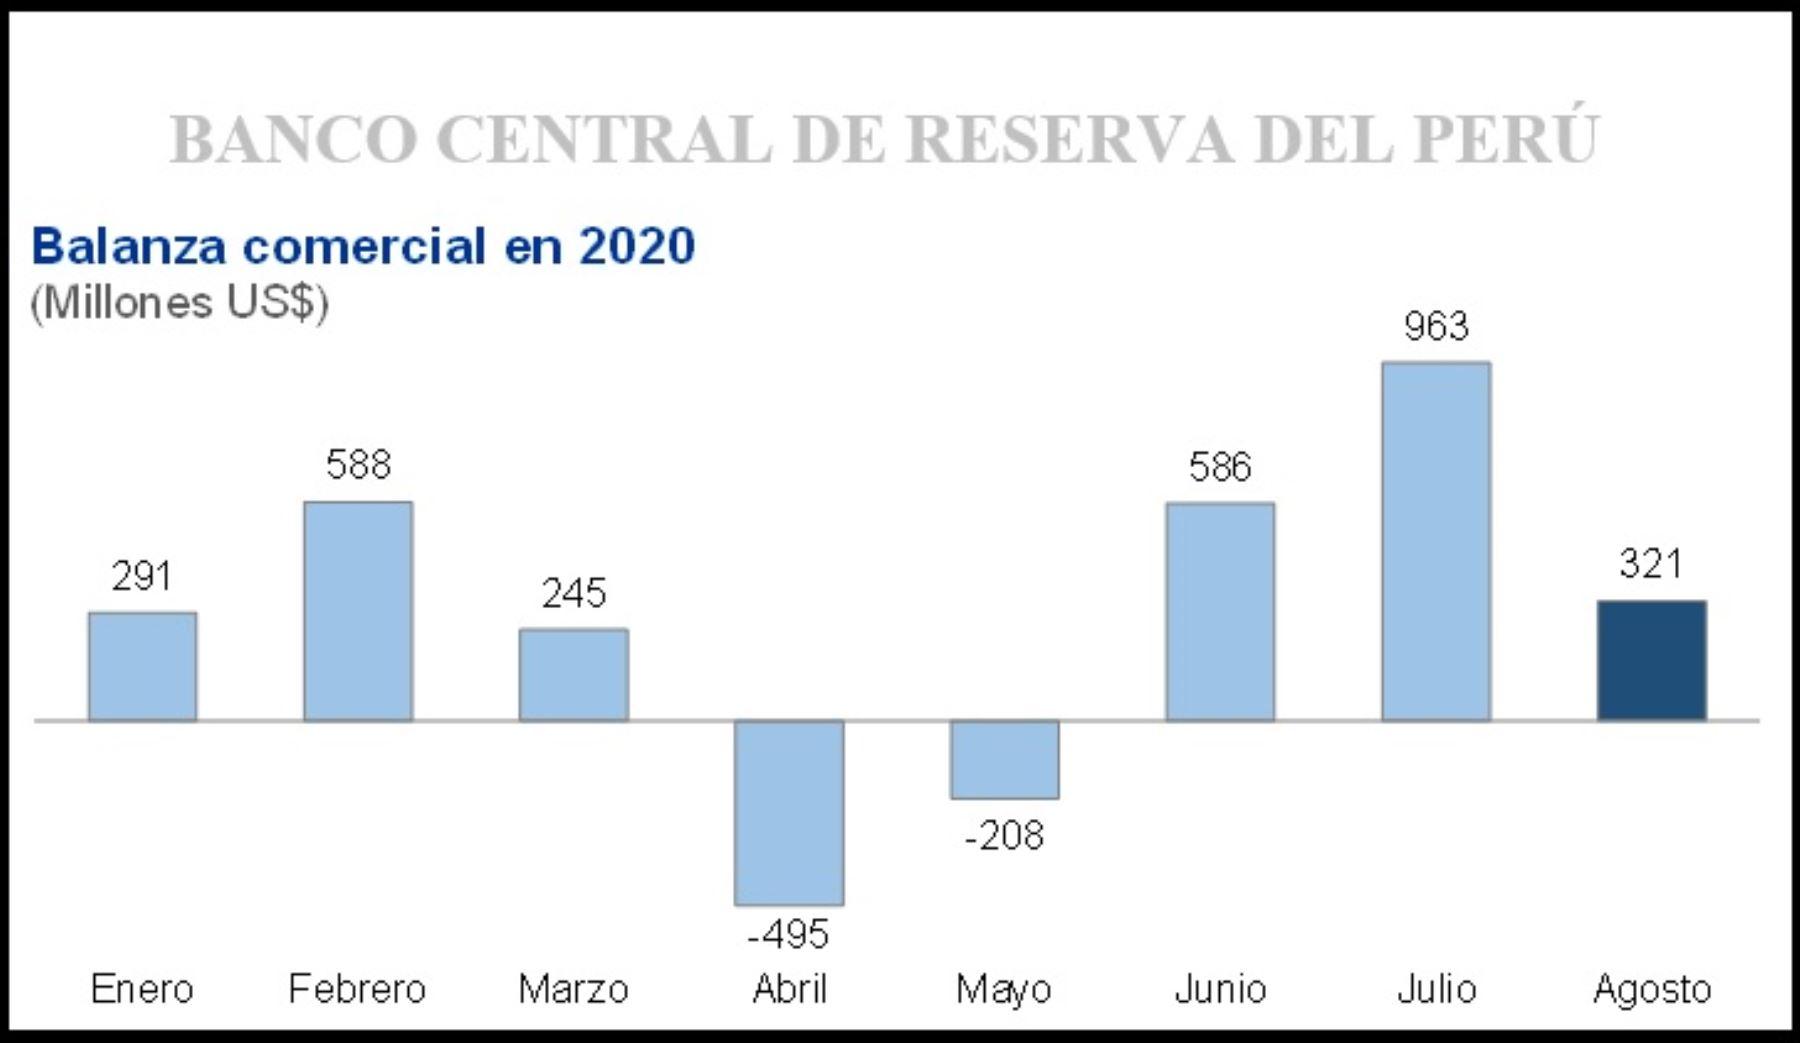 Balanza comercial en Perú es superavitaria en agosto por tercer mes  sucesivo | Noticias | Agencia Peruana de Noticias Andina